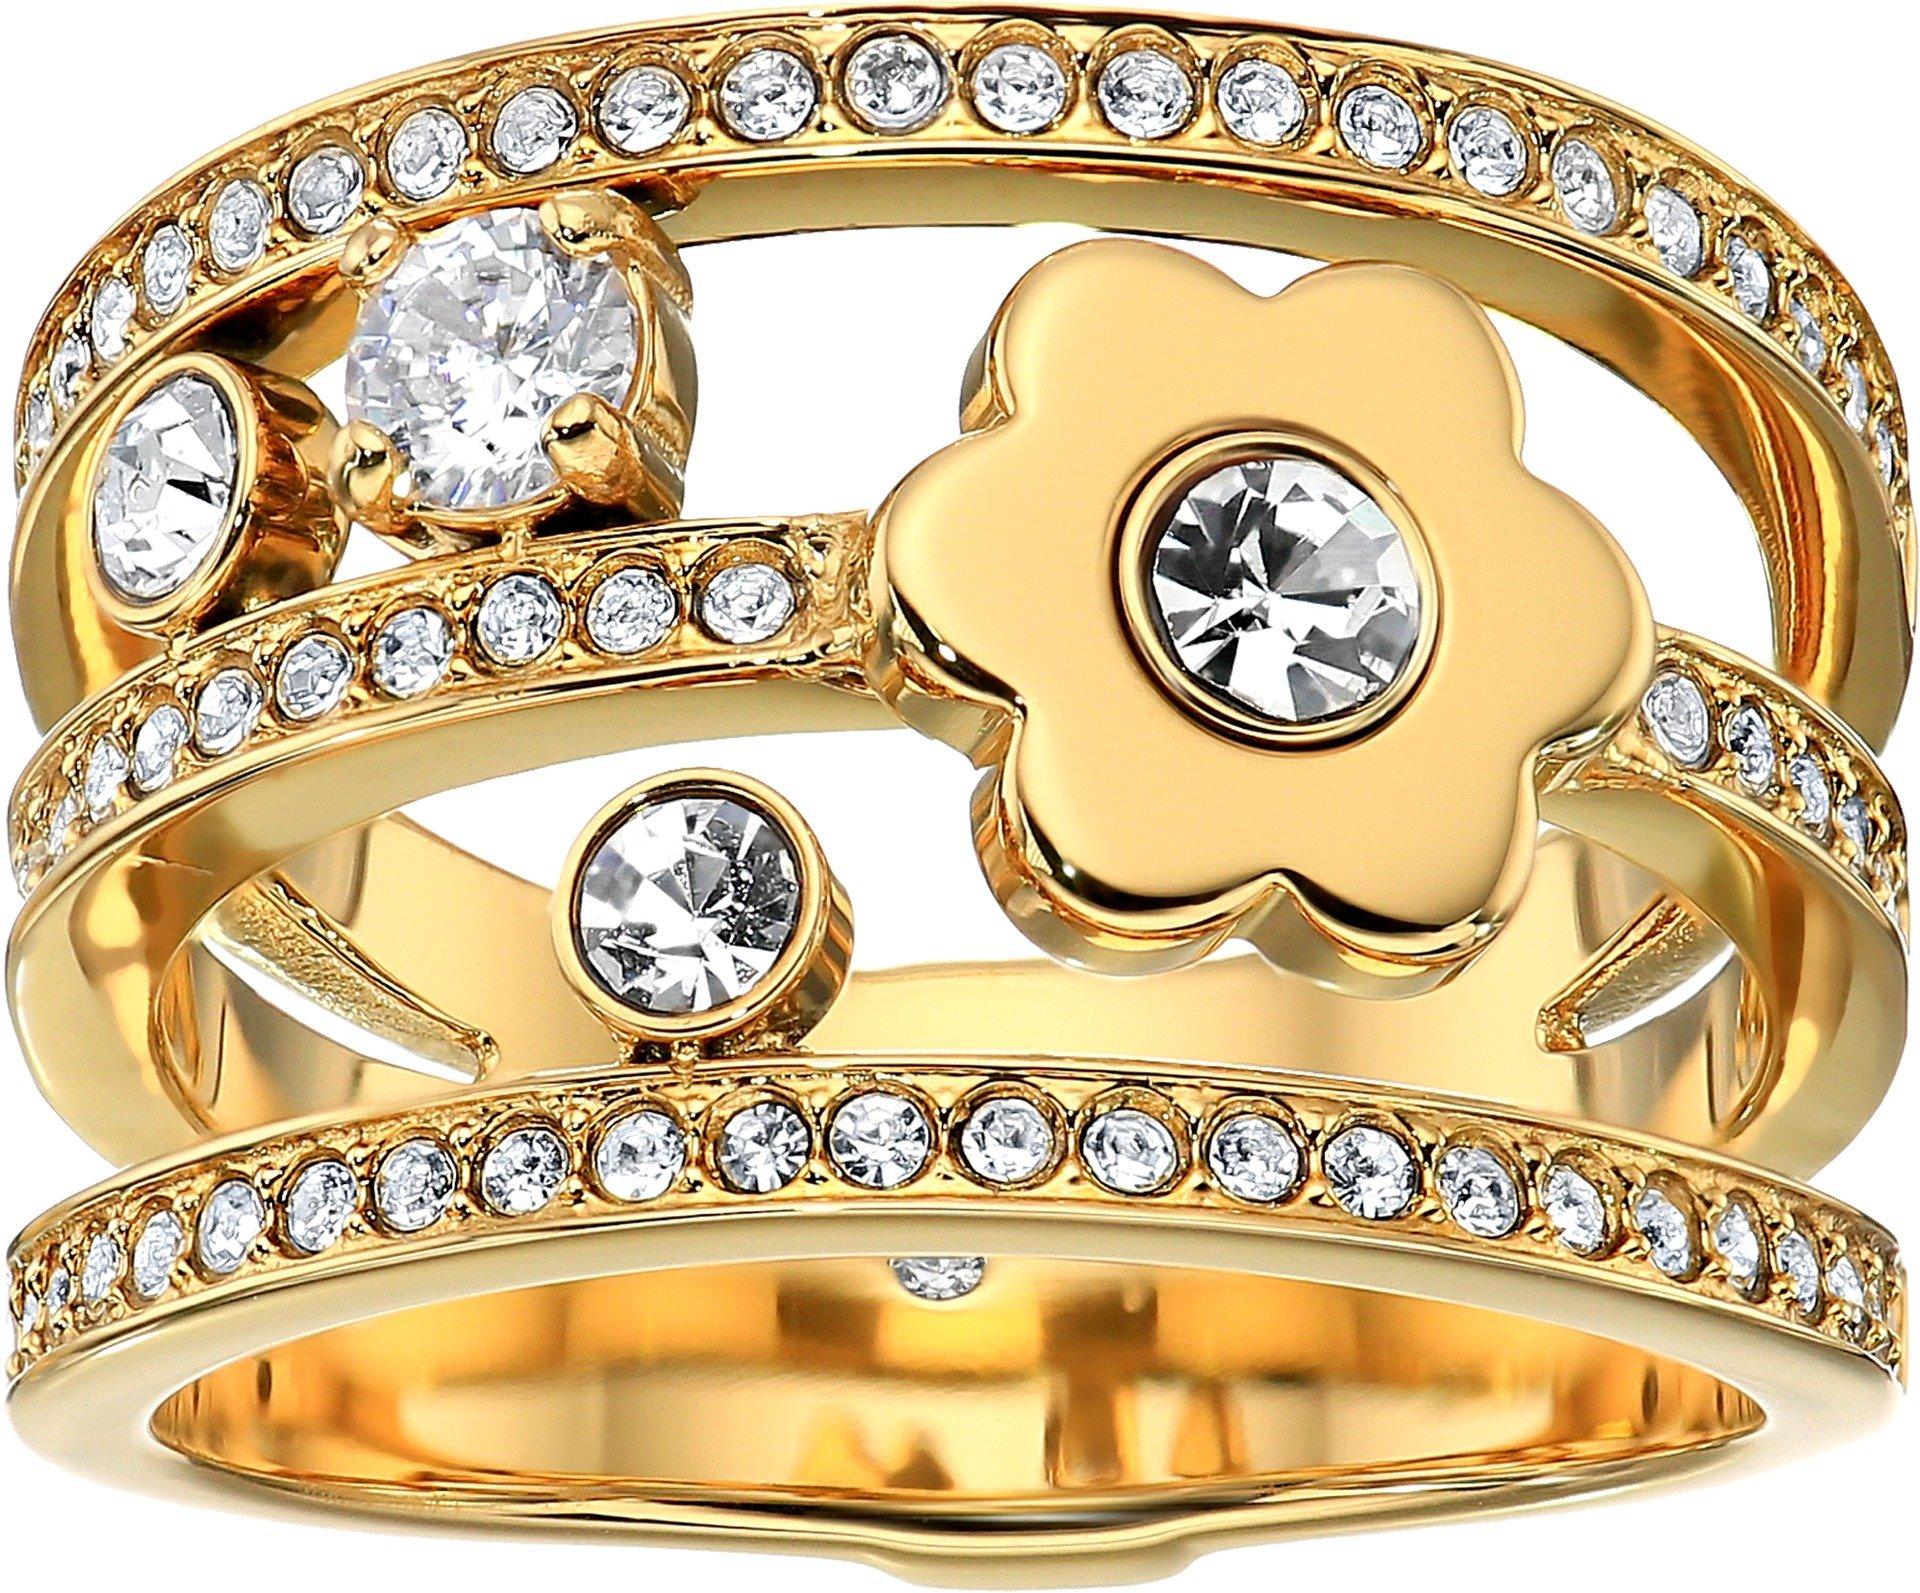 Michael Kors Womens Gold-Tone Flower Ring, 6